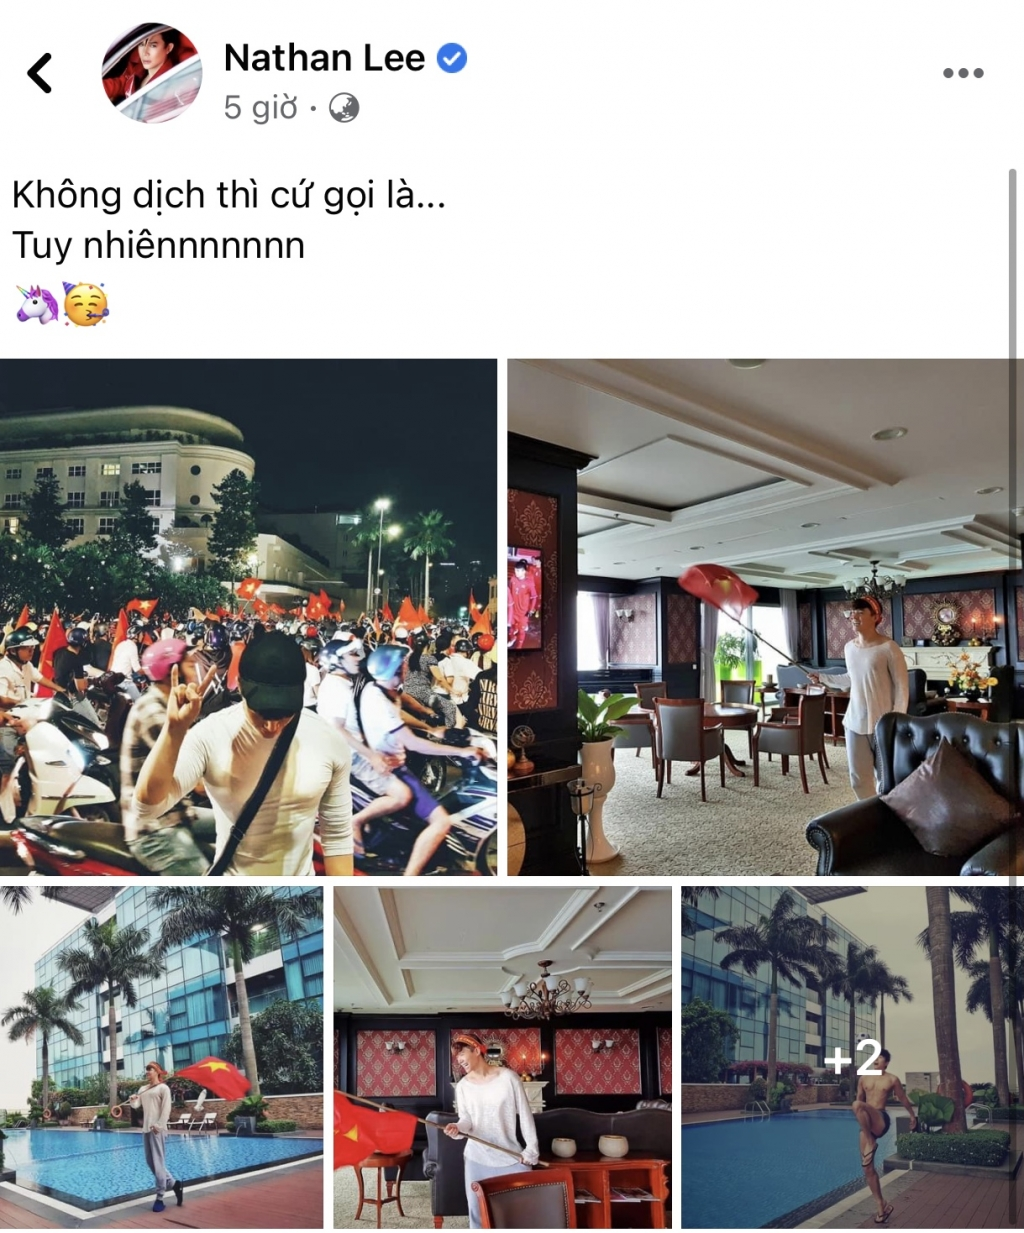 Sao Việt cháy hết mình với đội tuyển Việt Nam: Nathan Lee 'thèm thuồng' đi bão, JustaTee sợ con ngủ không dám hét